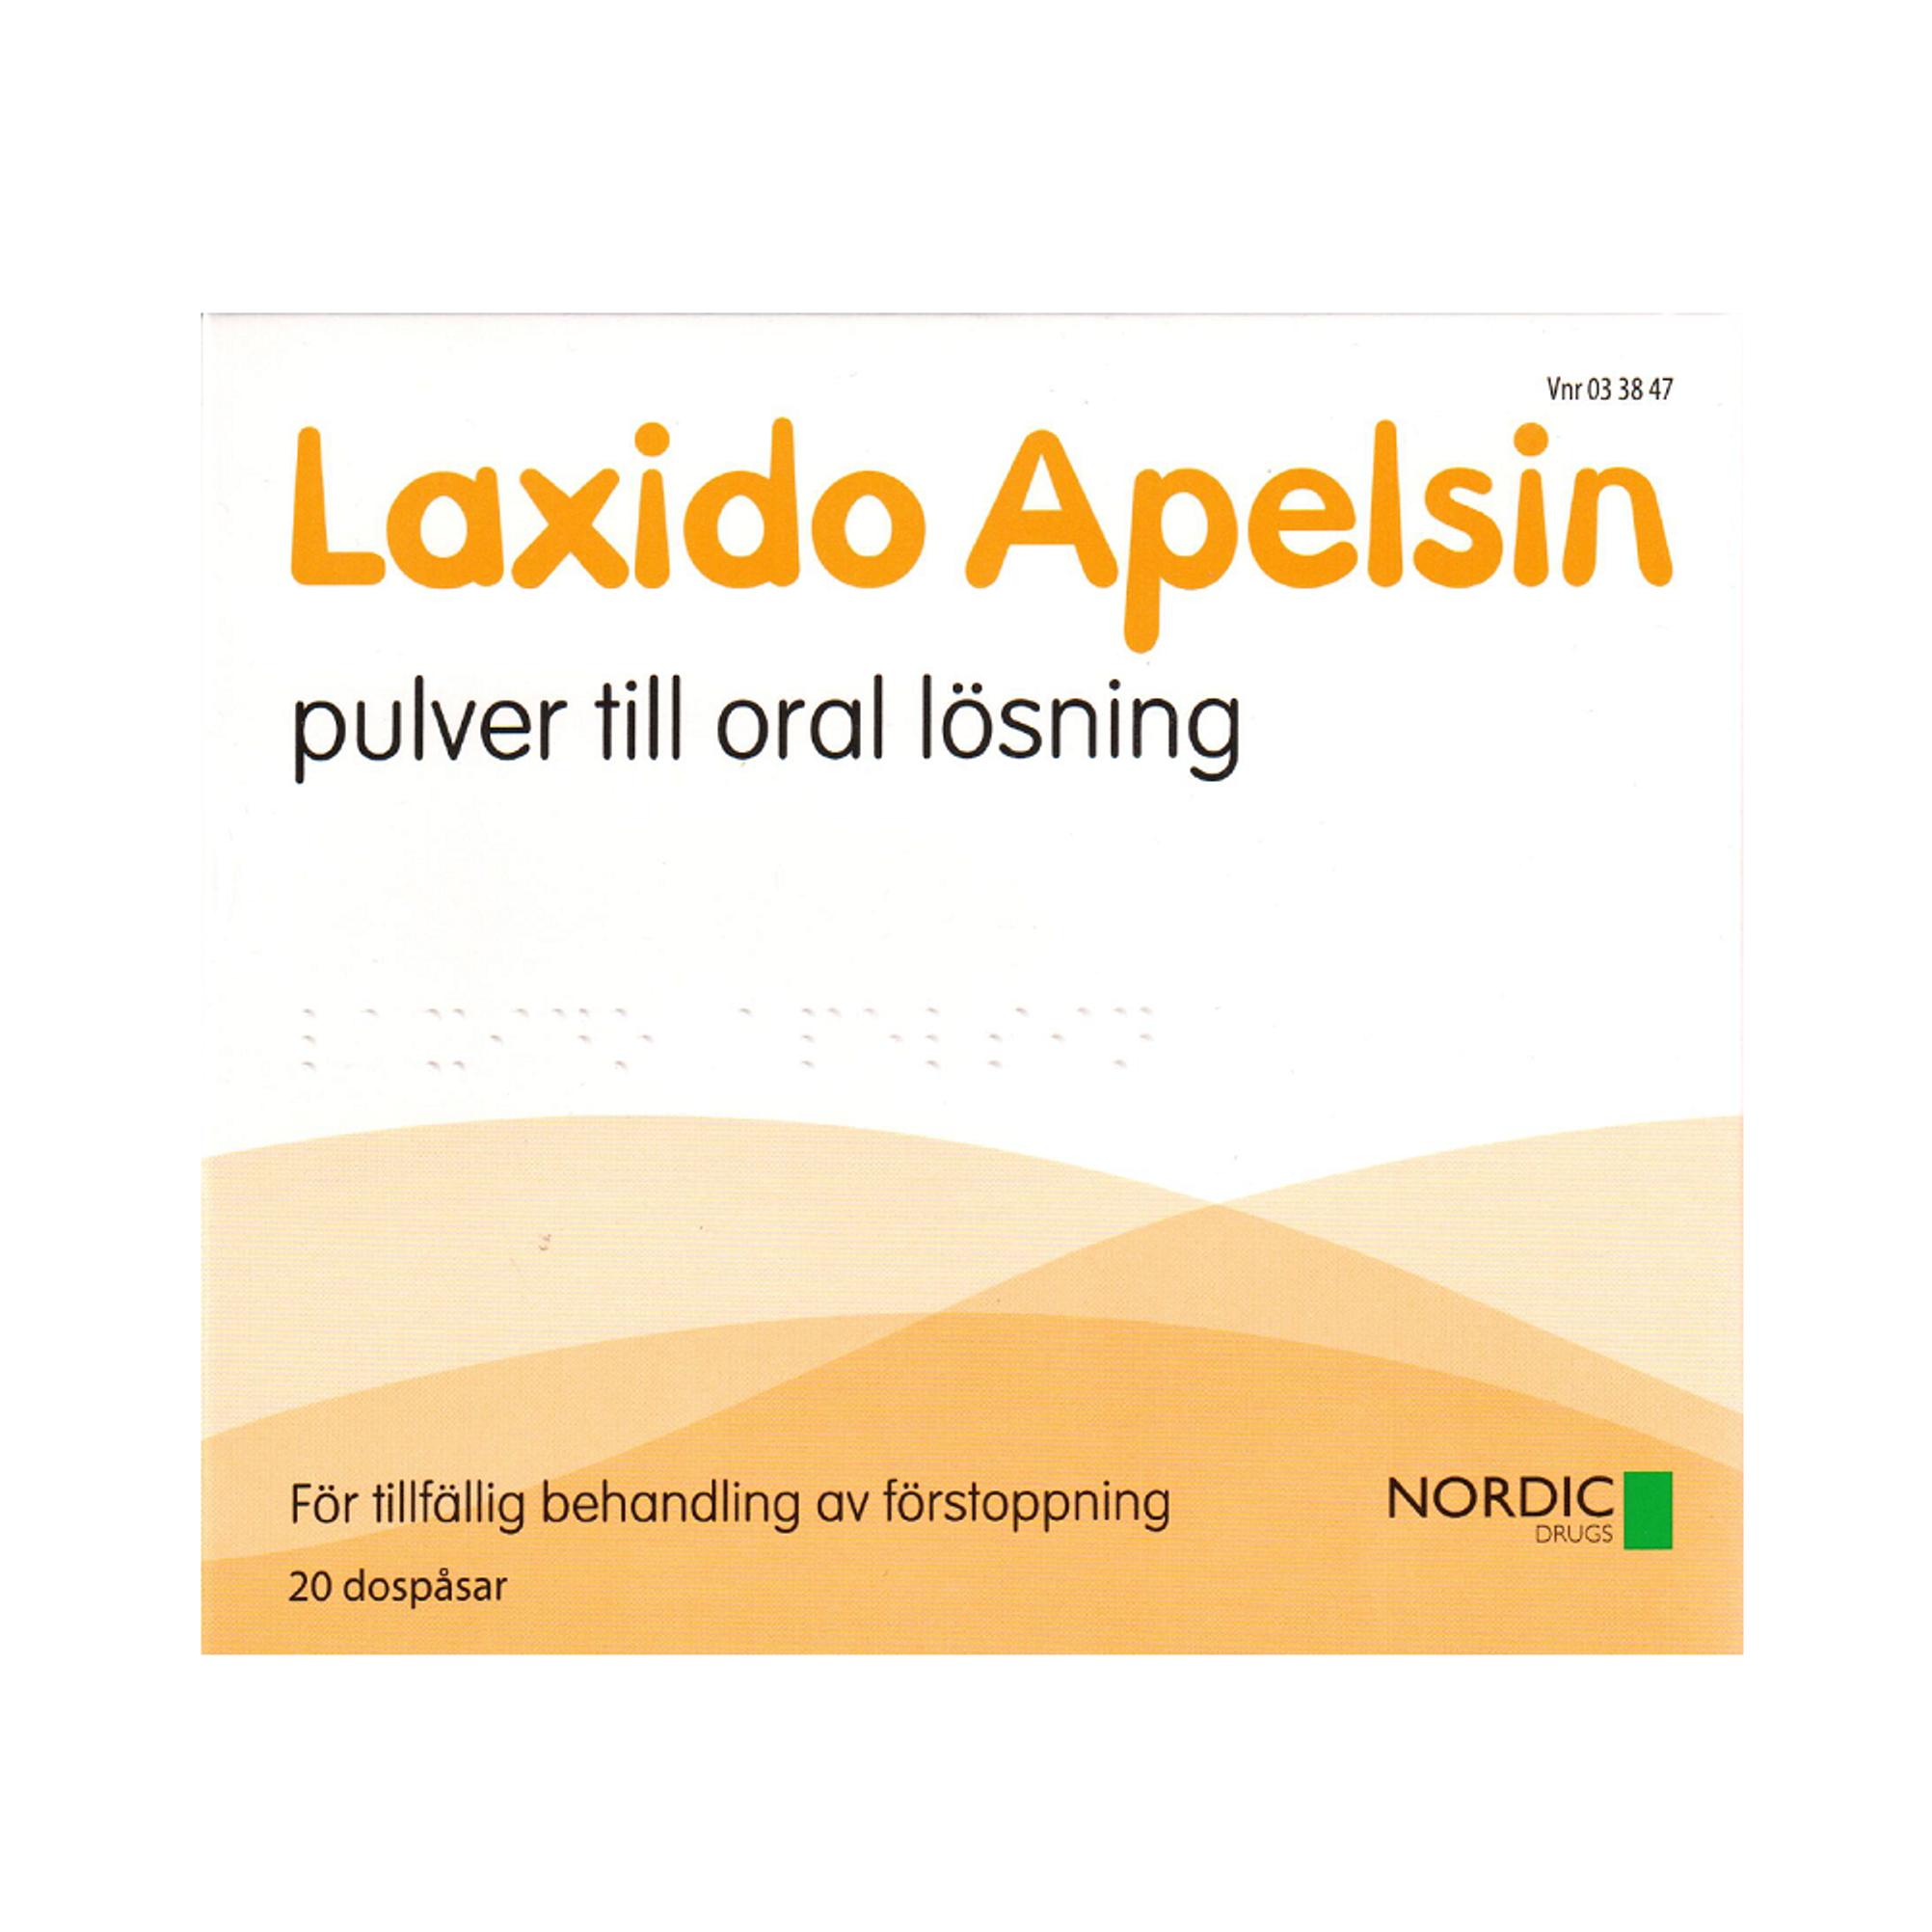 laxido apelsin pulver till oral lösning